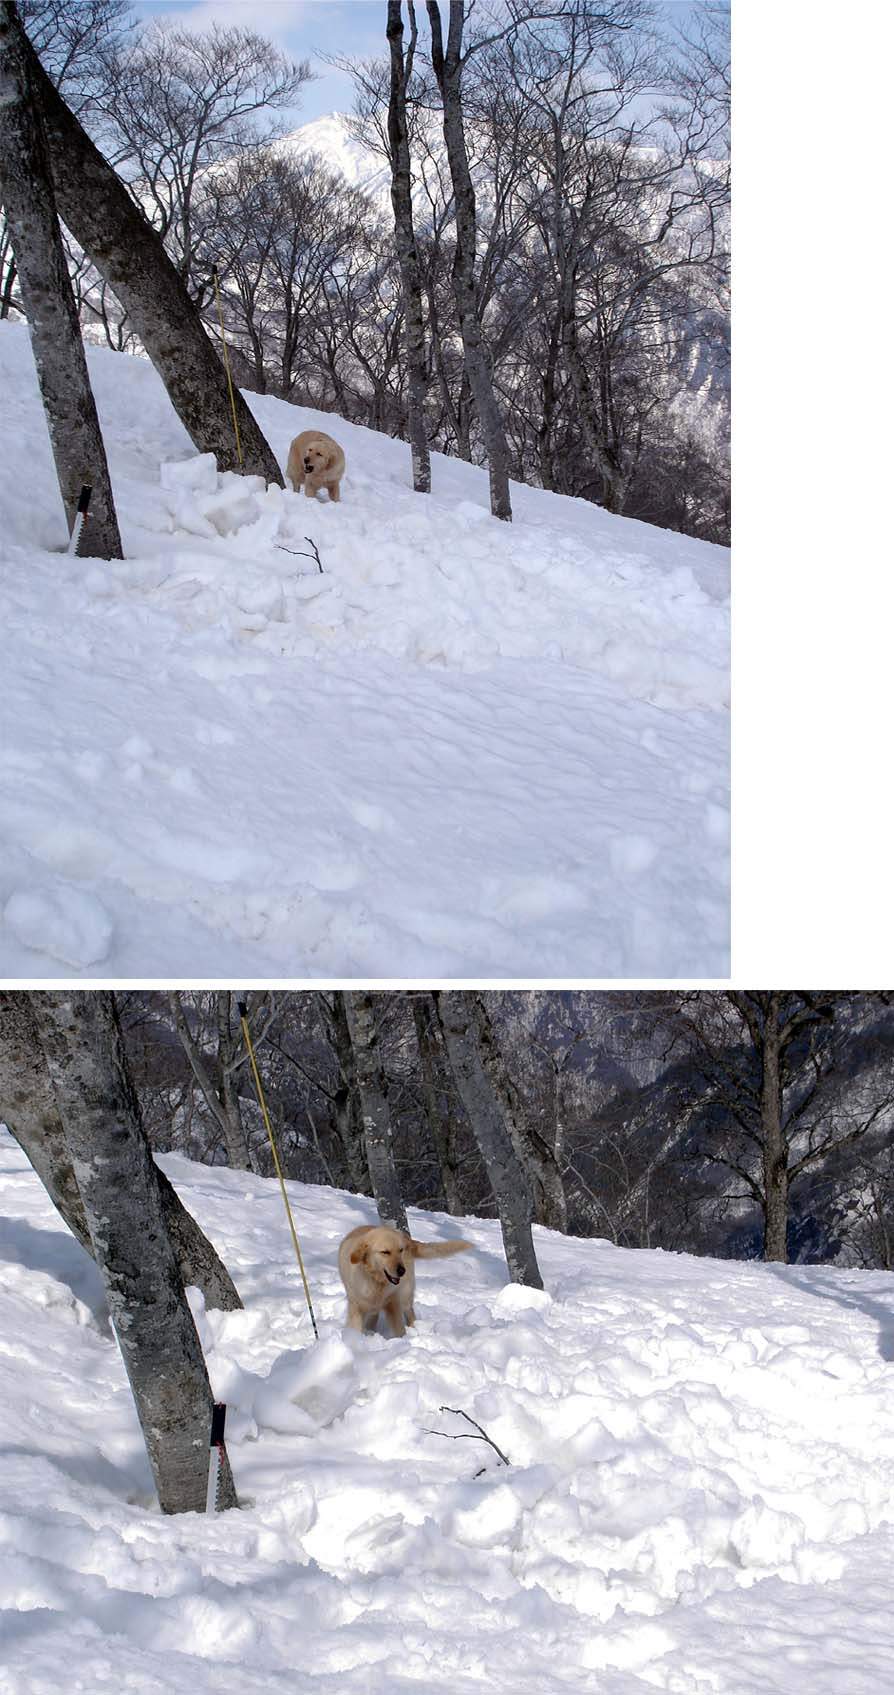 雪中訓練Ⅱ(26) GMD捜索